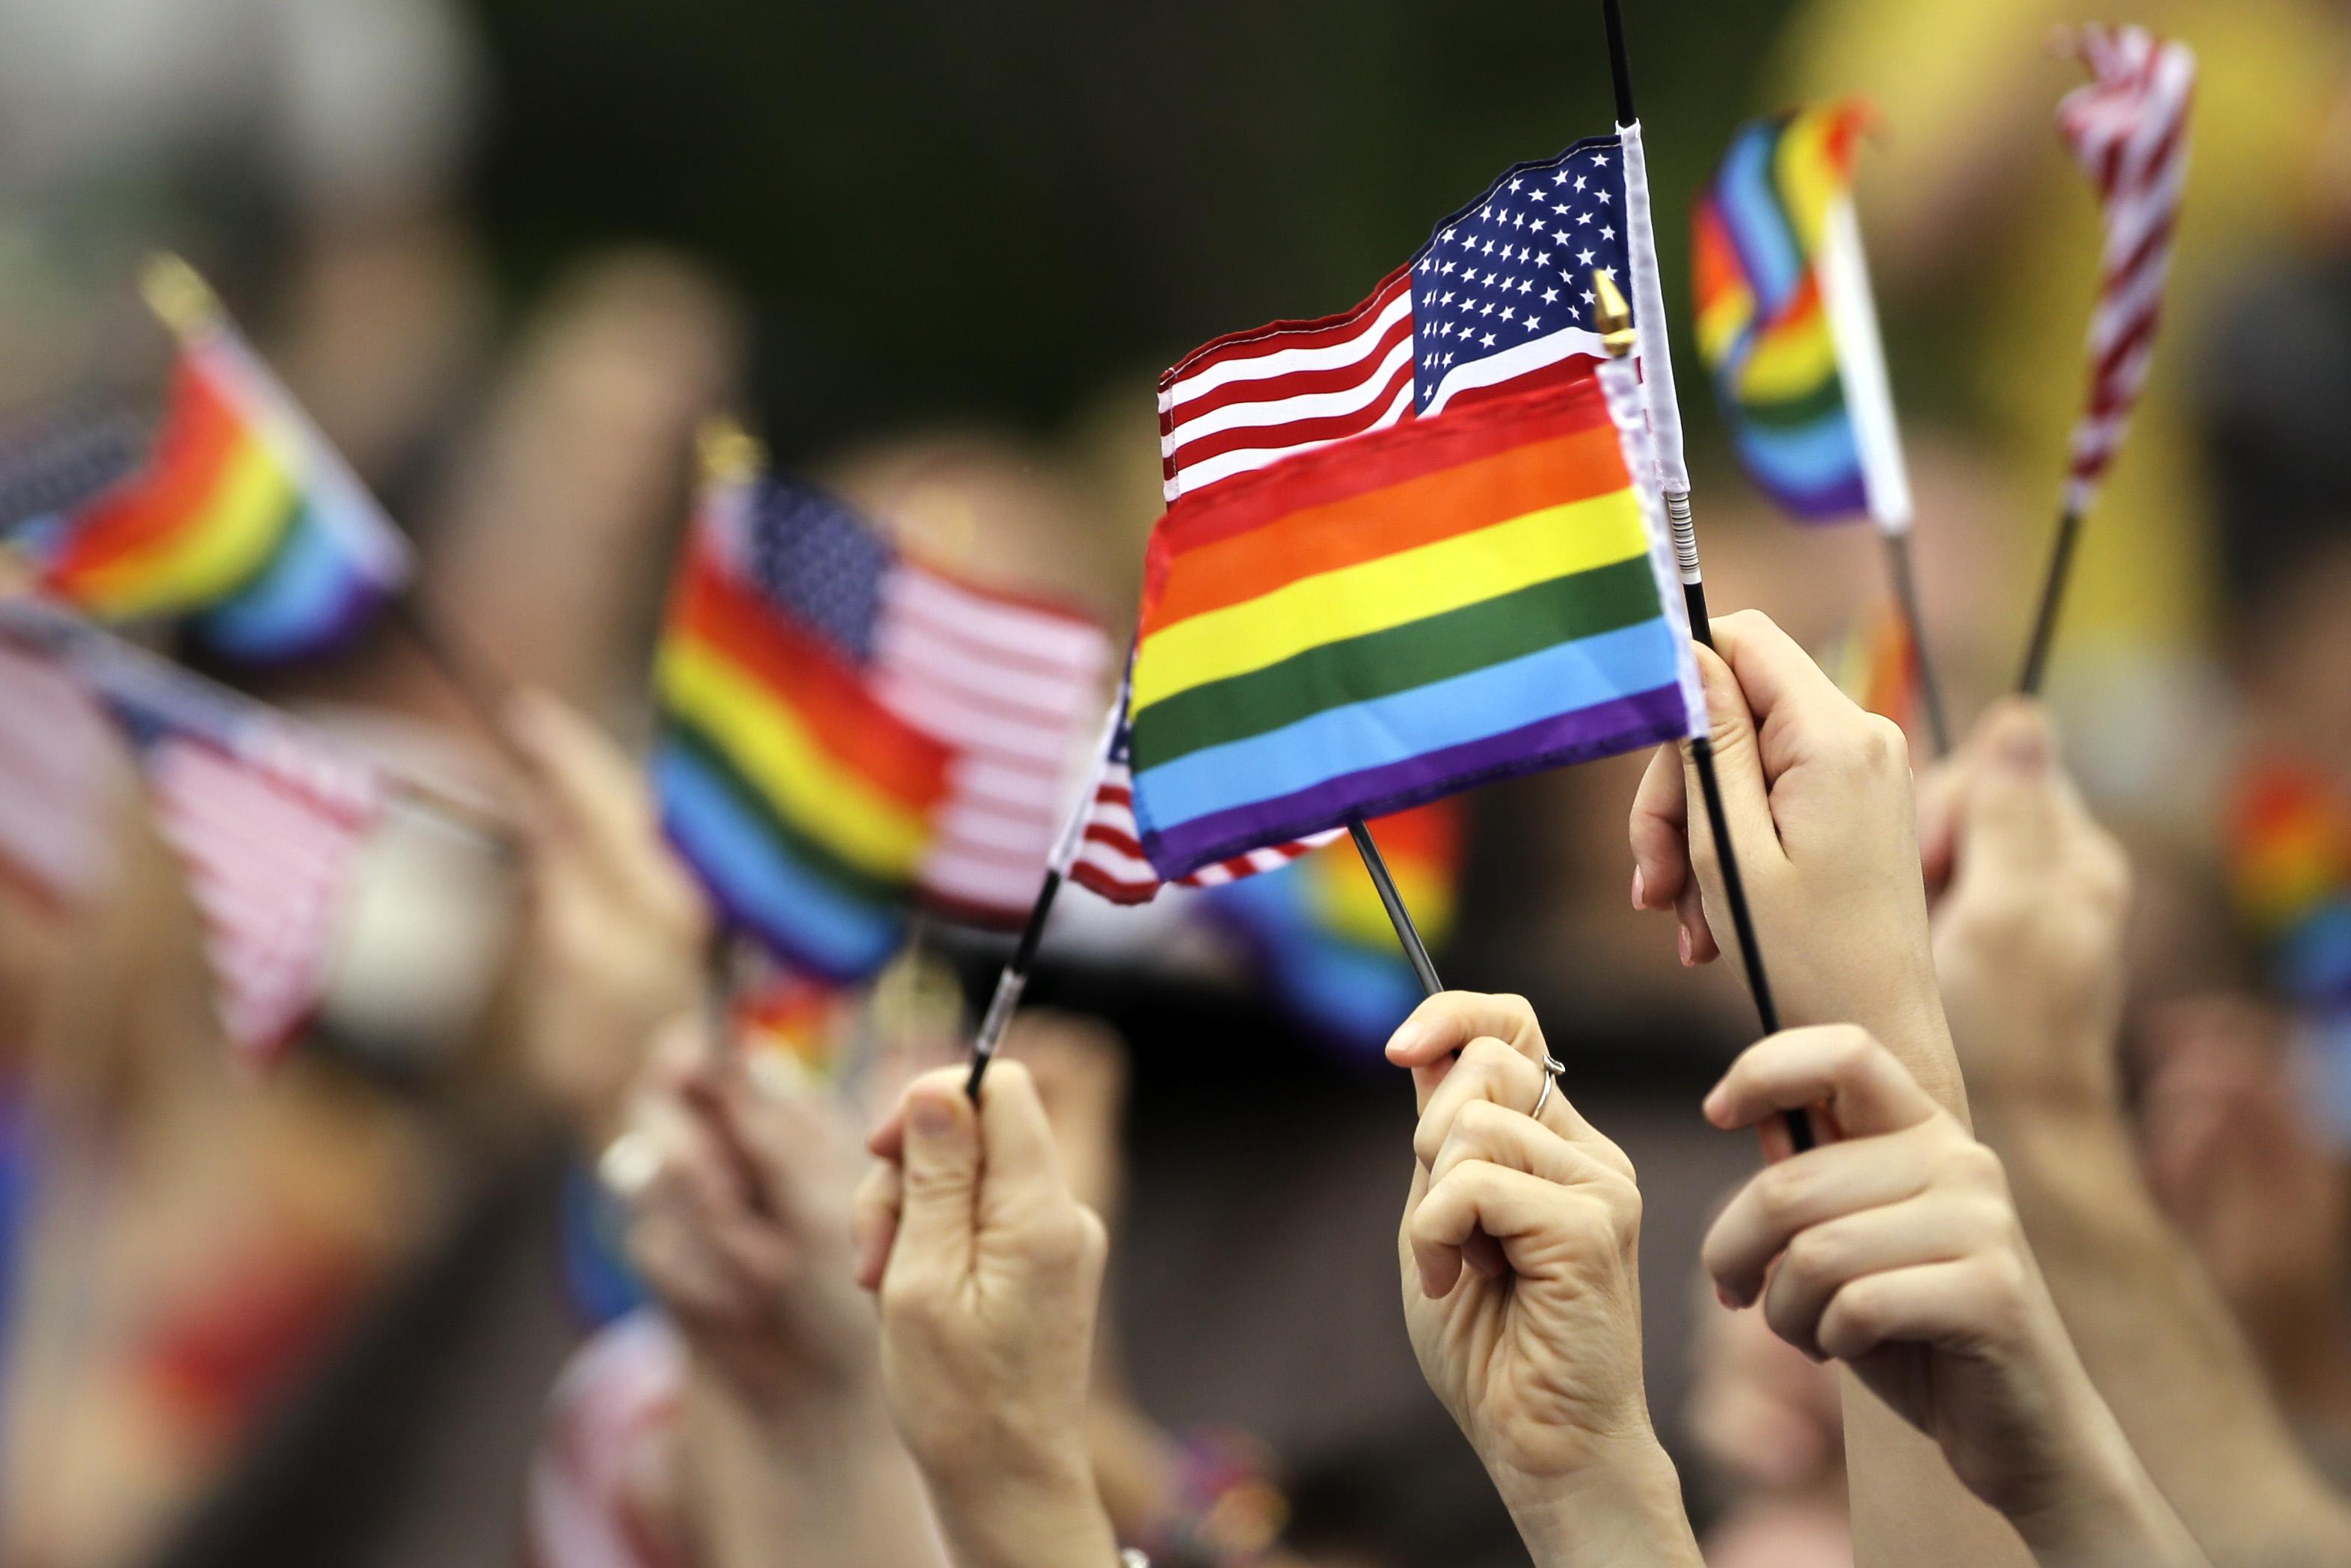 دست هایی که در روز استقلال پرچم ایالات متحده و پرچم رنگین کمان را تکان می دهند. (عکس از آسوشیتدپرس)